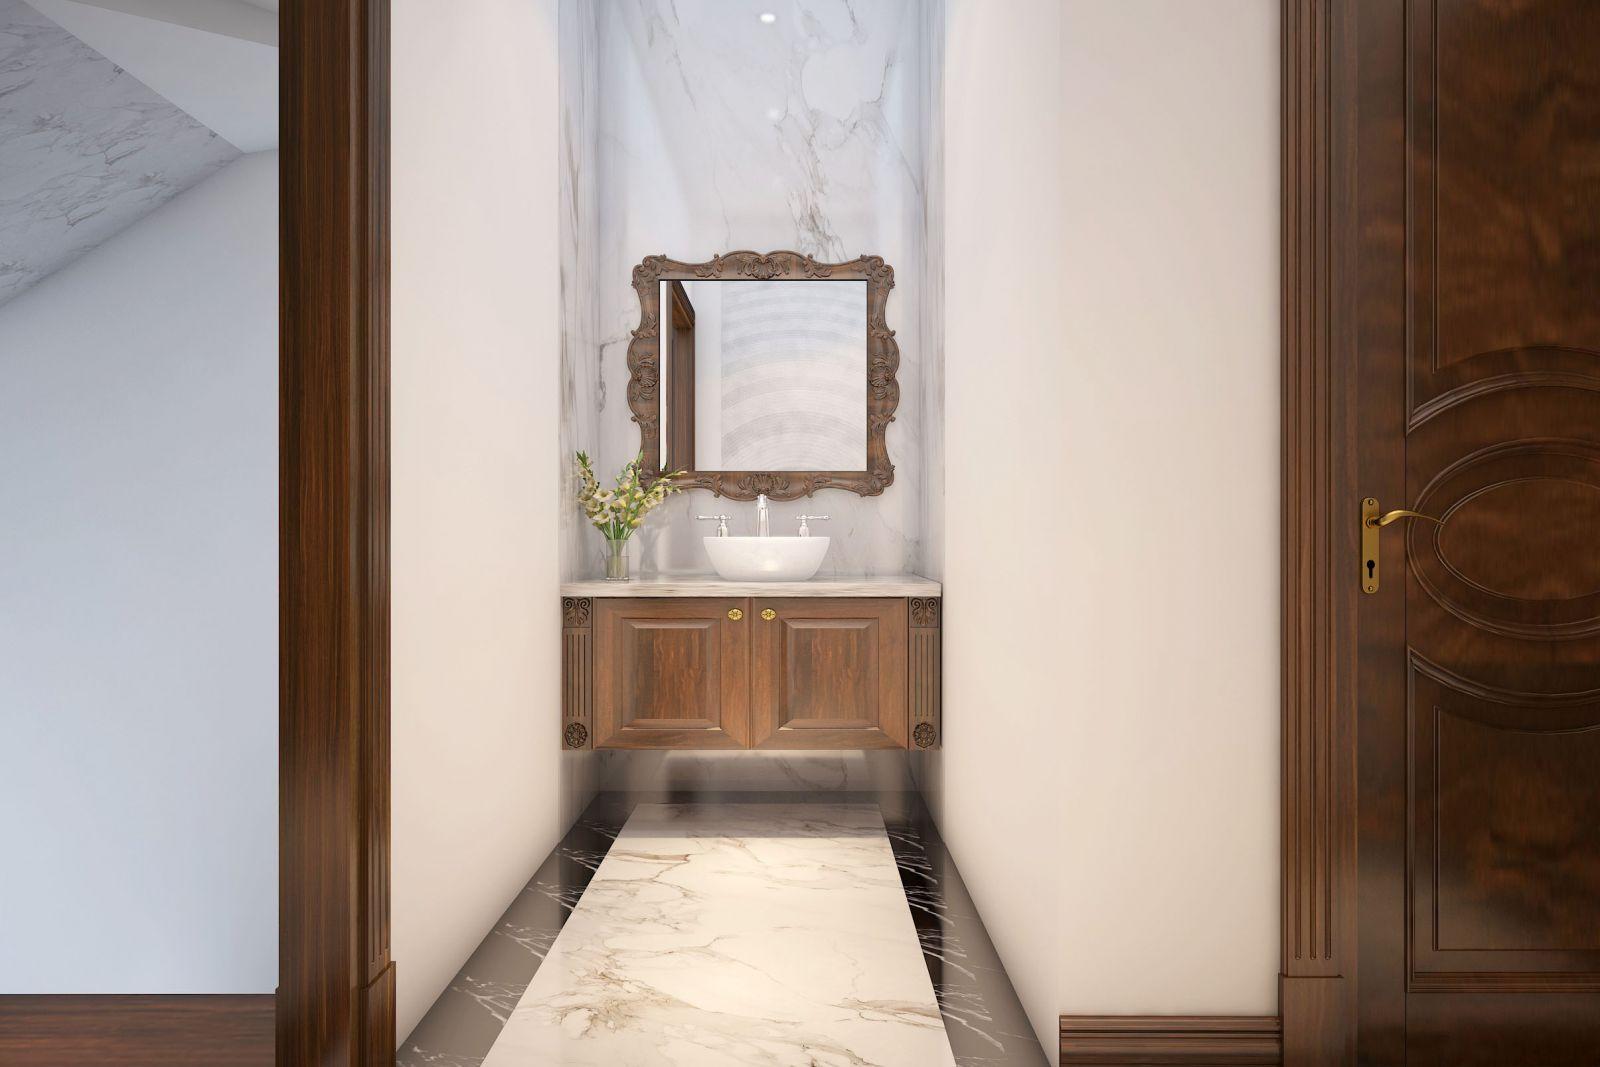 Vị trí đặt lavabo ở cuối căn nhà